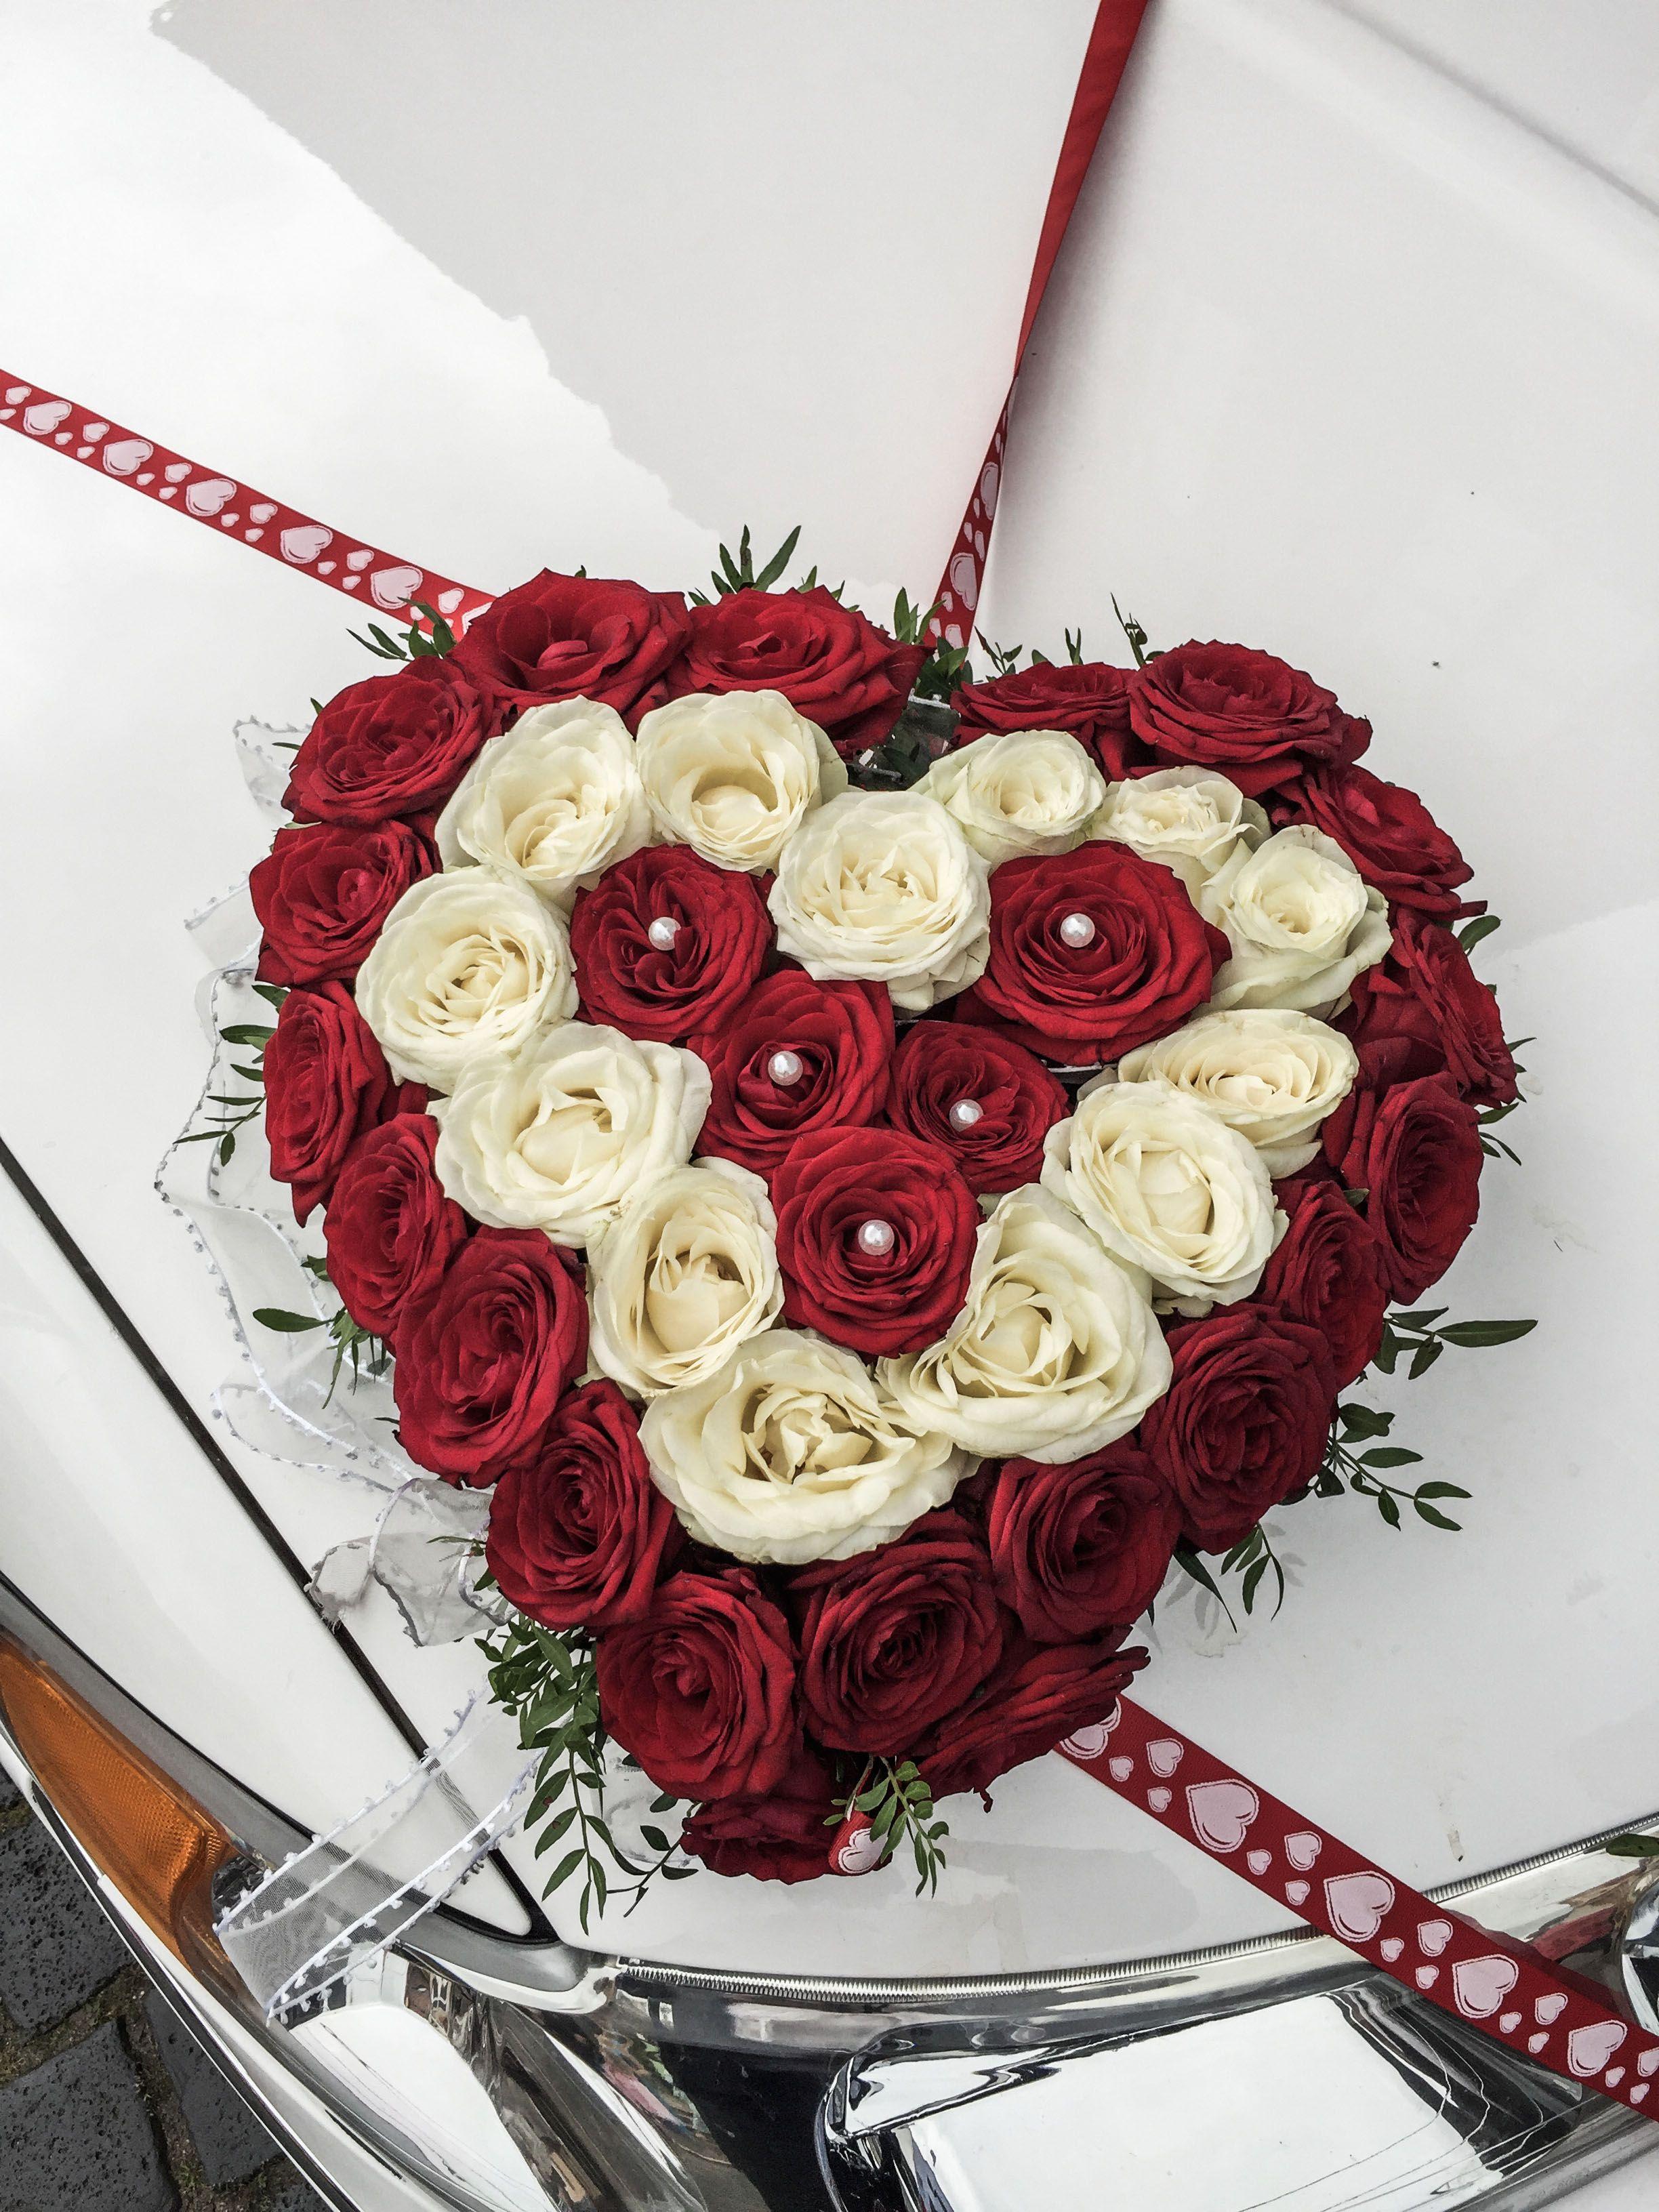 Auto Blumen Hochzeit Rosenkugel Als Dekoration Fur Das Auto